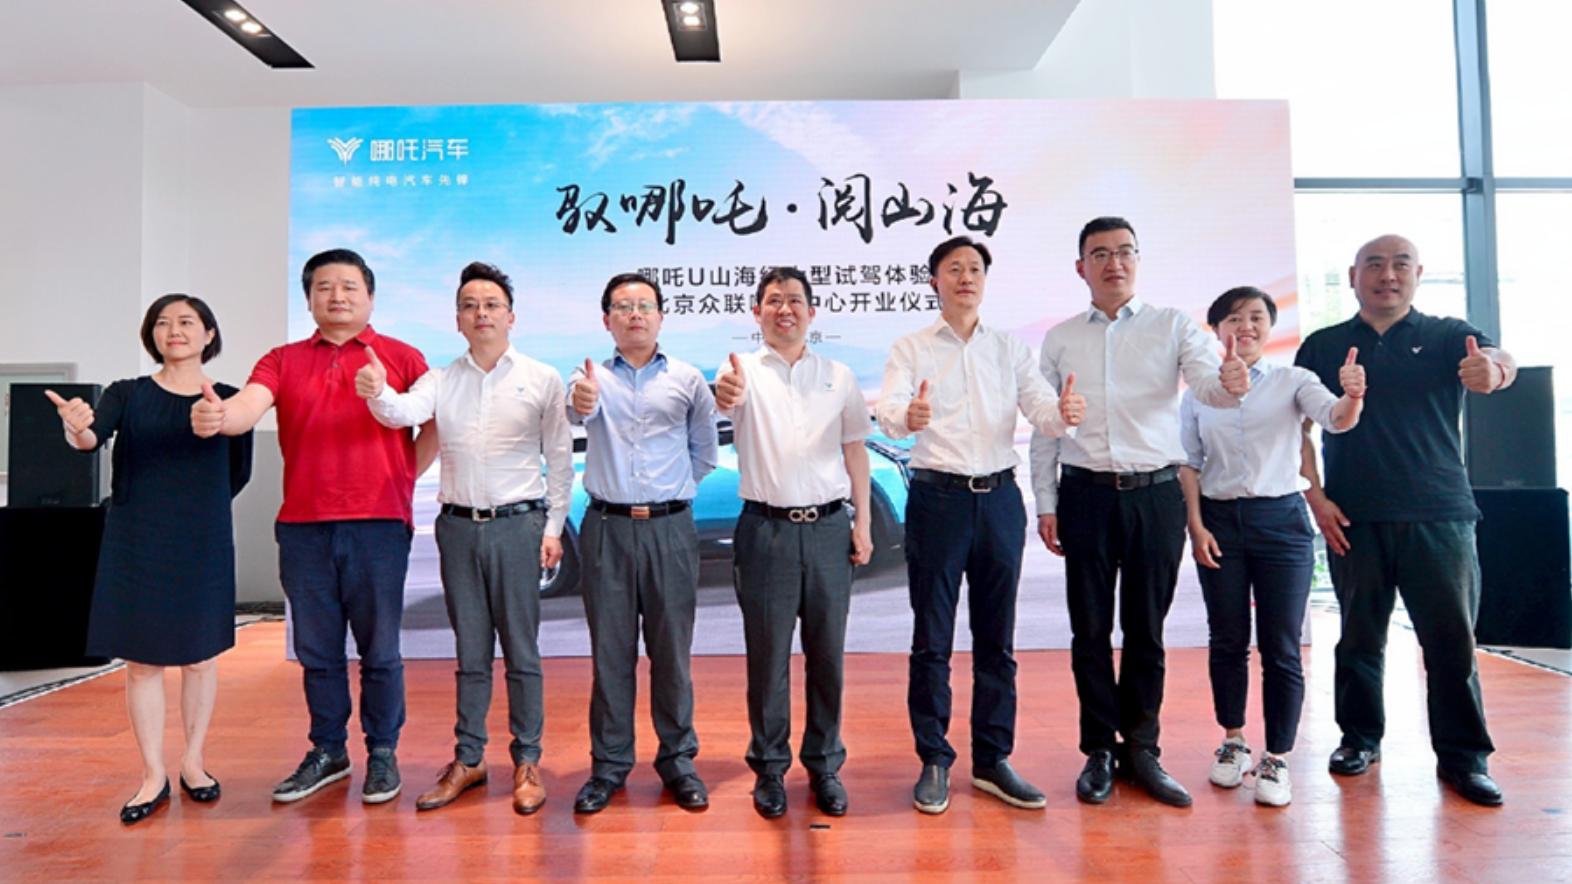 SSC设计-用户体验再升级 北京哪吒汽车体验中心启幕